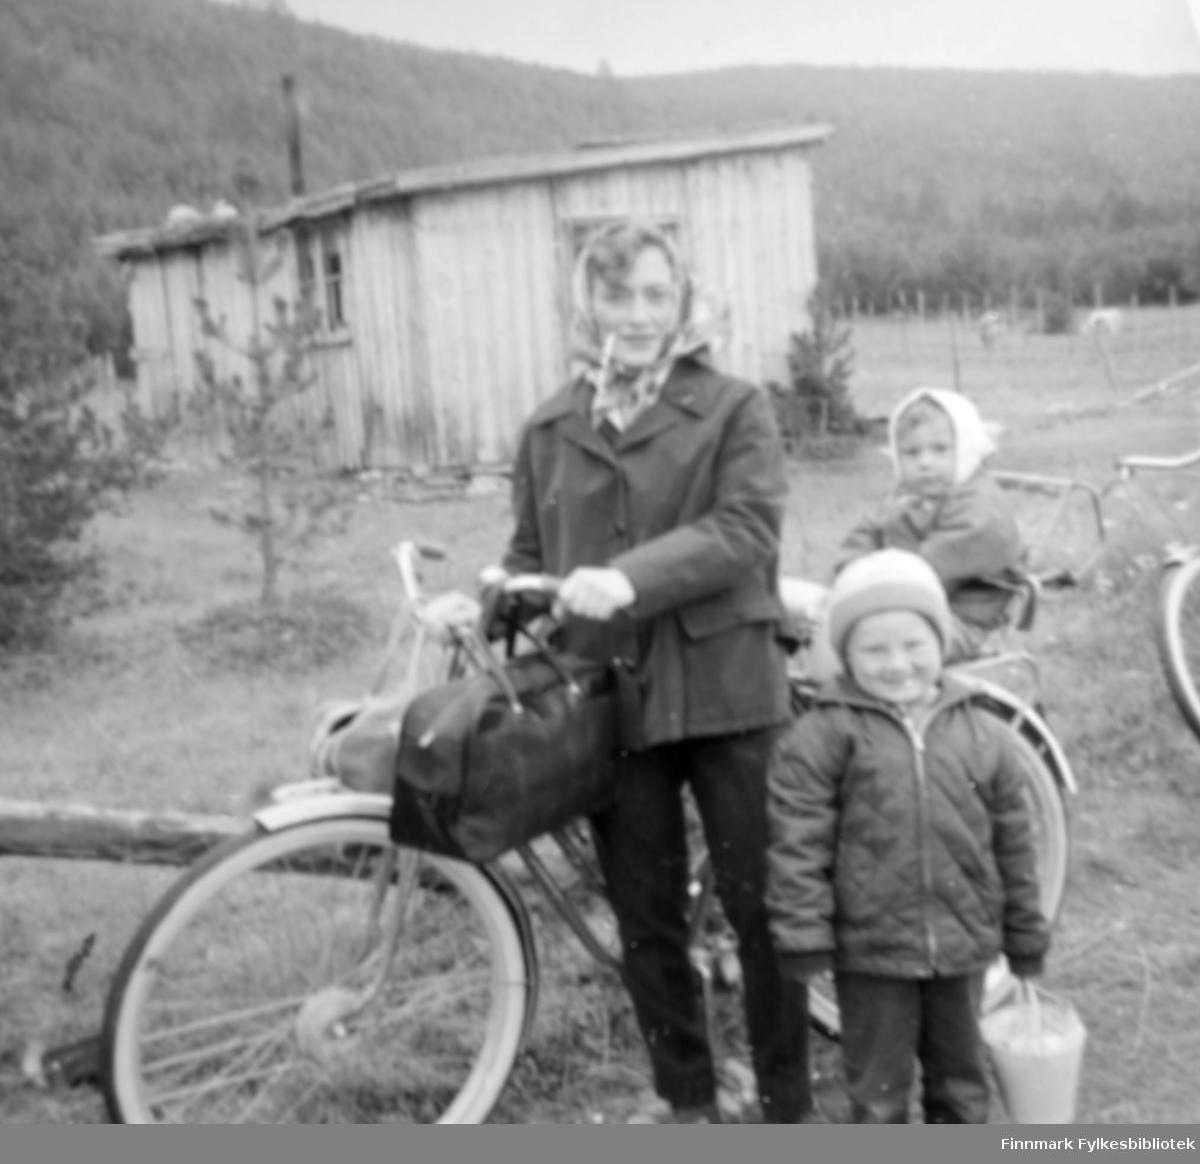 På vei hjem etter besøk på Gammelsetra. Anna Elisabeth Uglebakken f. Johansen med barna Torill og Trond Einar. De har en sykkel som fremkomstmiddel. På sykkelstyret henger det vesker. Trond Einar holder en bøtte i hånden. Torill sitter i et barnesete bakpå sykkelen. I bakgrunnen ser vi seterstua. Den var en trebrakke som bestod av to små rom. Setra lå øverst oppe i Tverrelvdalen under fjellet Nalganas. Det er trær omkring